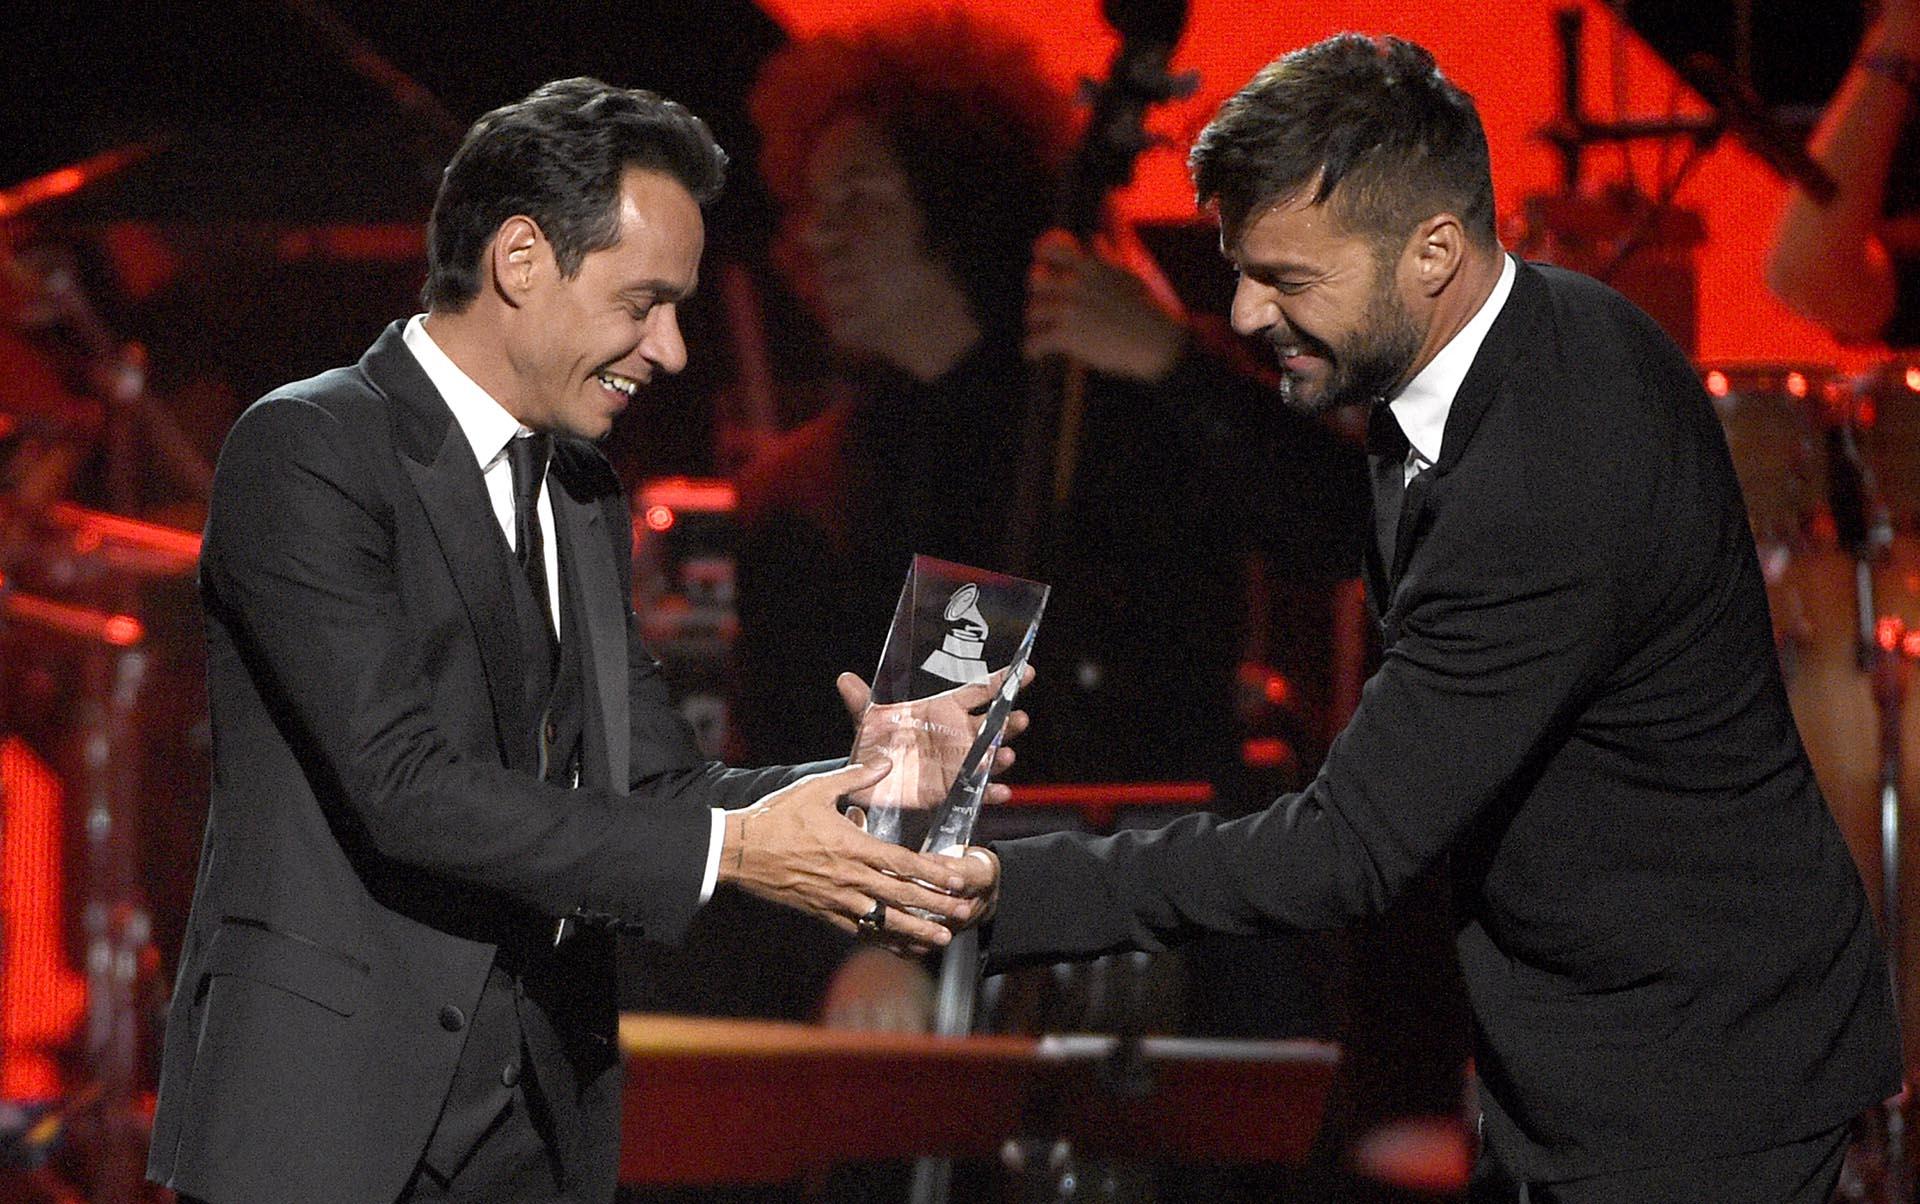 Marc Anthony recibe el premio a la Persona del Año de la mano de Ricky Martin